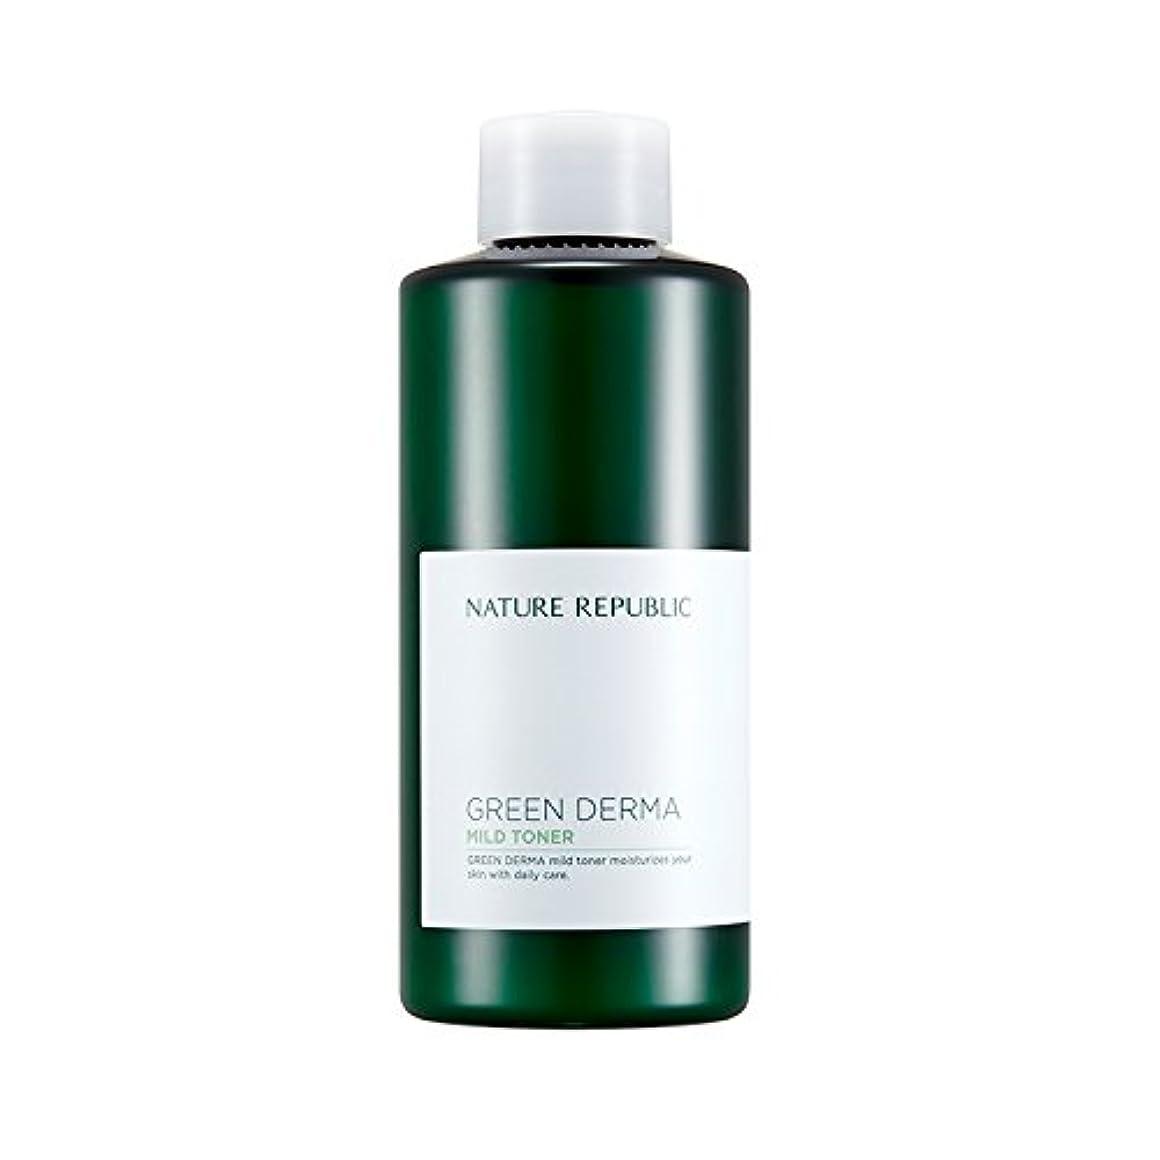 異なる研究タイヤNATURE REPUBLIC Green Derma Mild Toner / ネイチャーリパブリック グリーンダーママイルドトナー 200ml [並行輸入品]